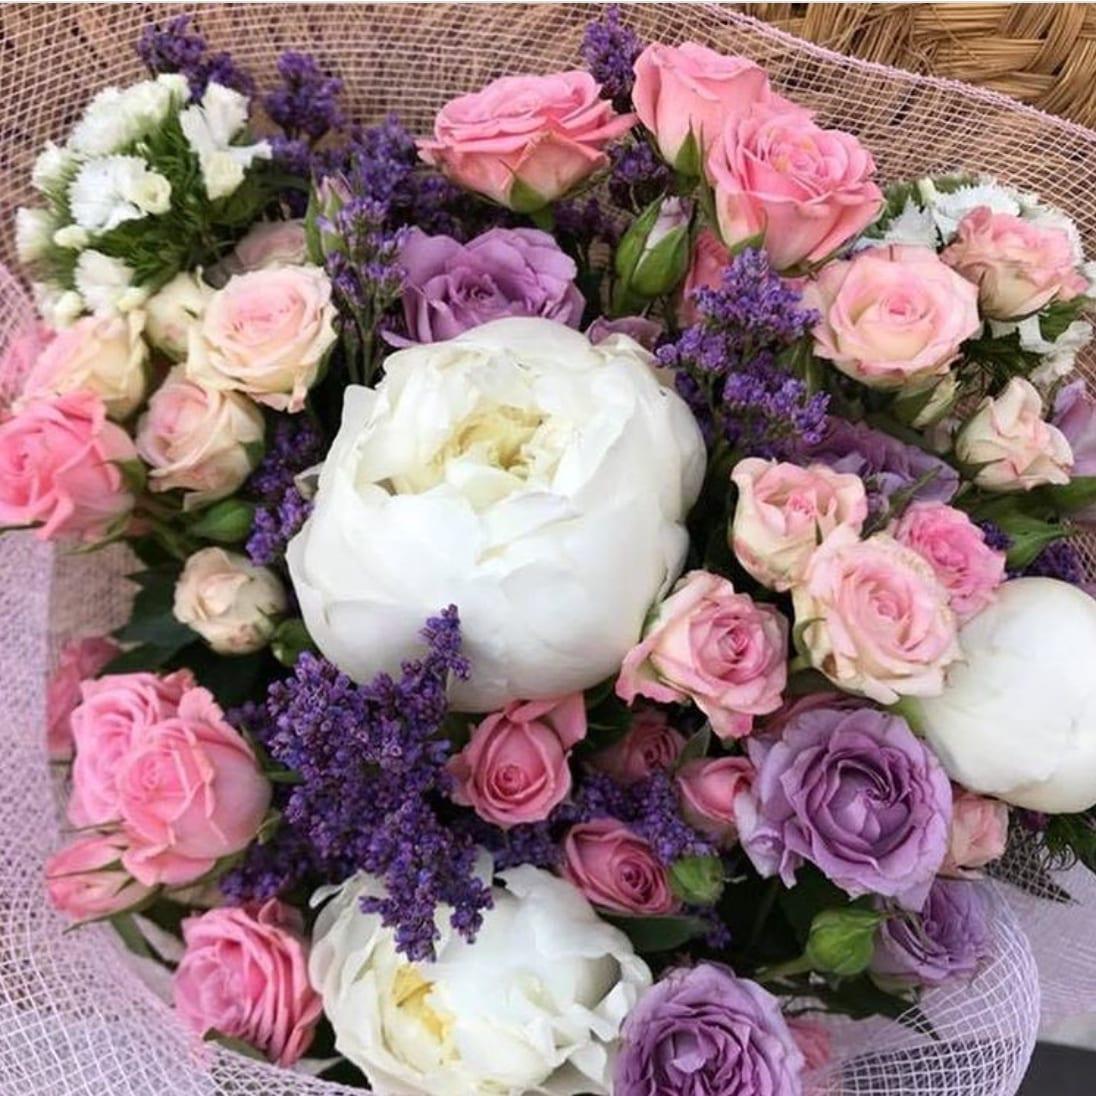 Envío de flores en Cartagena ramos de peonías